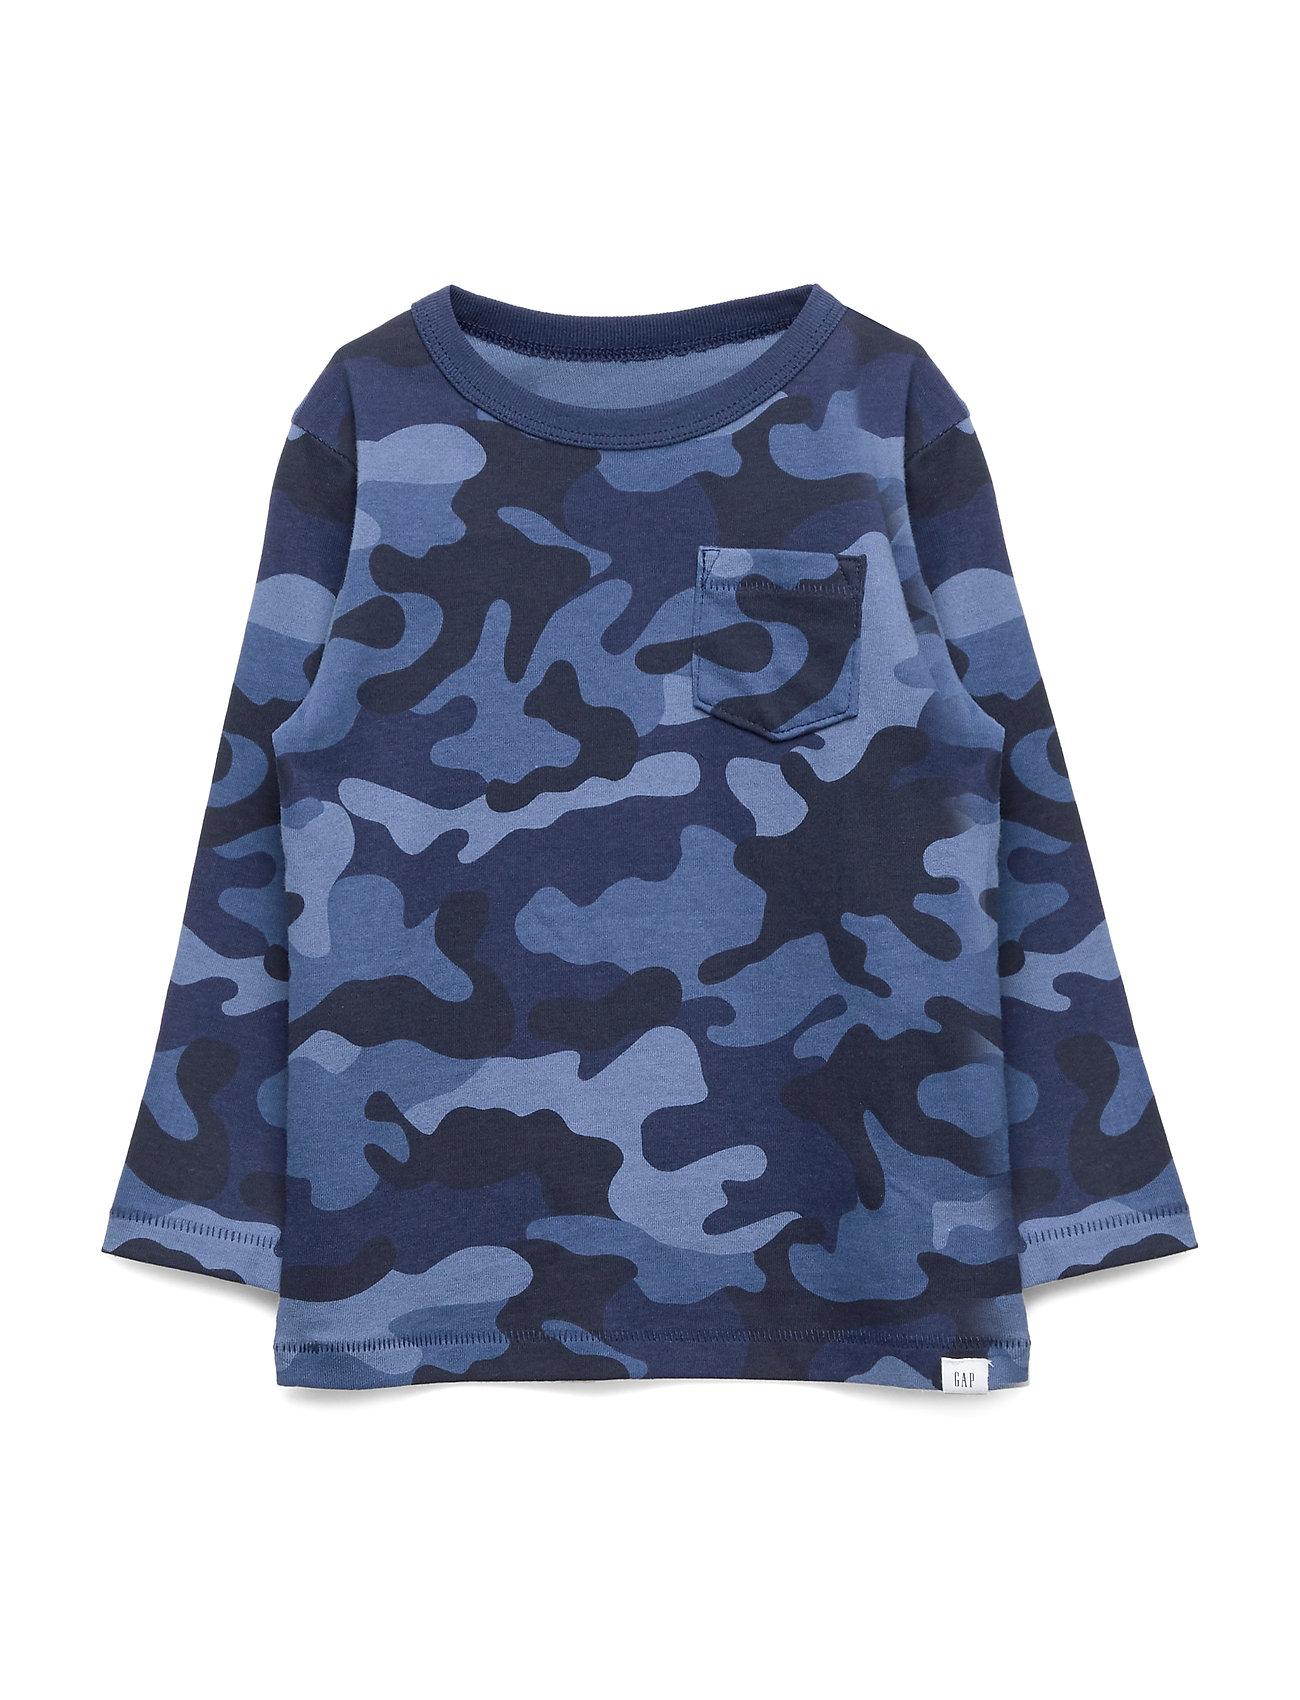 Image of V-Ptf Print Ls Langærmet T-shirt Blå GAP (3279932037)